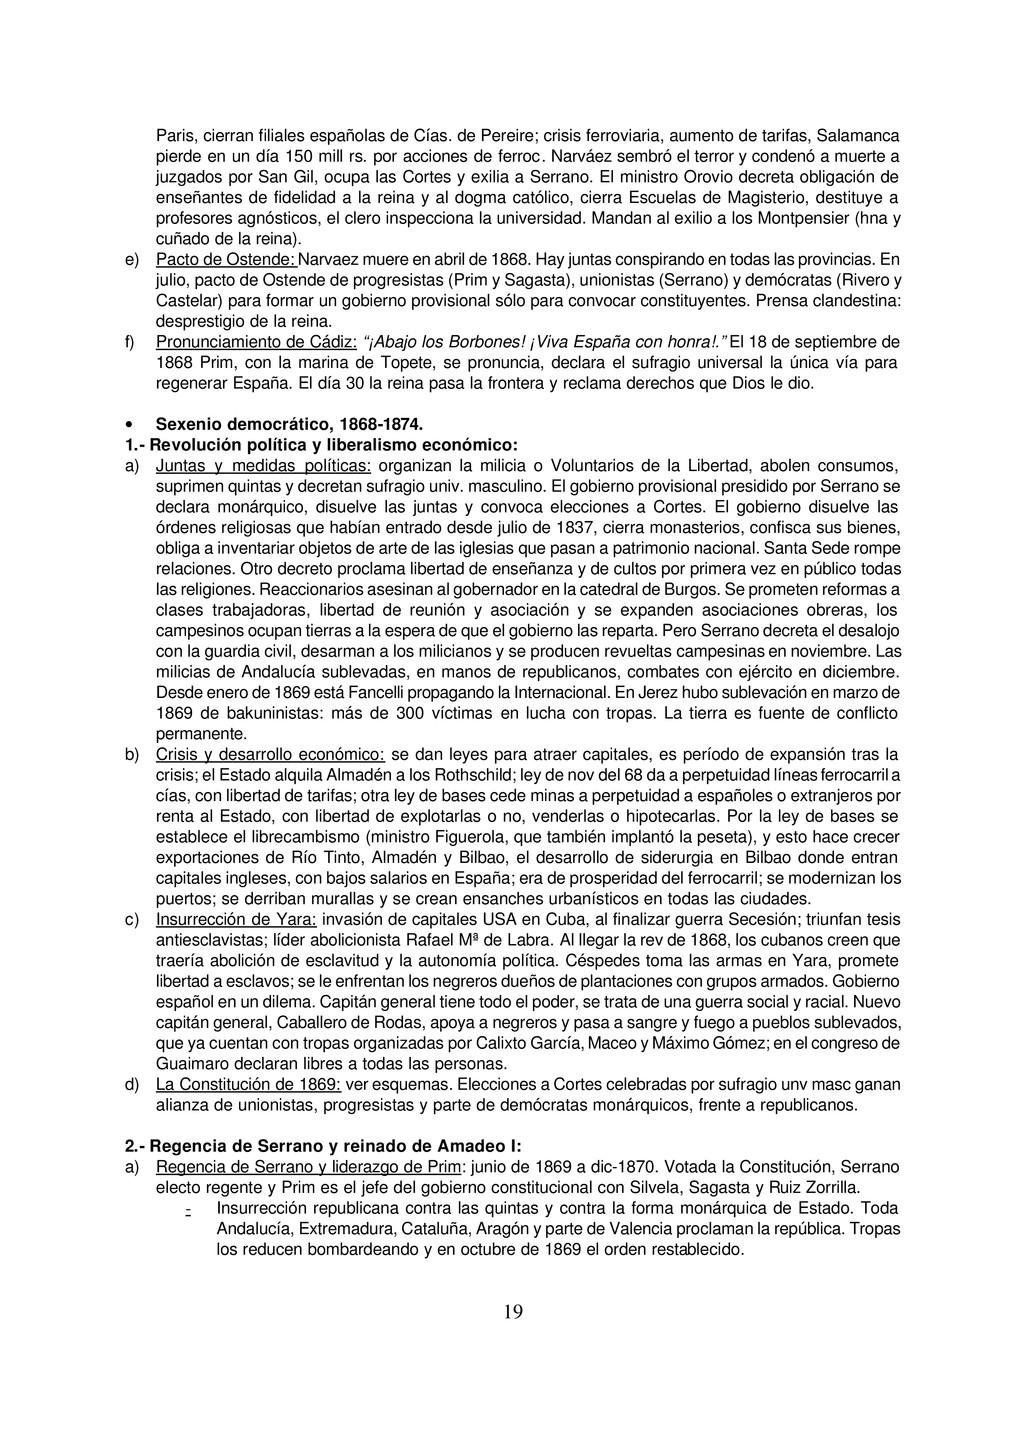 19 Paris, cierran filiales españolas de Cías. d...